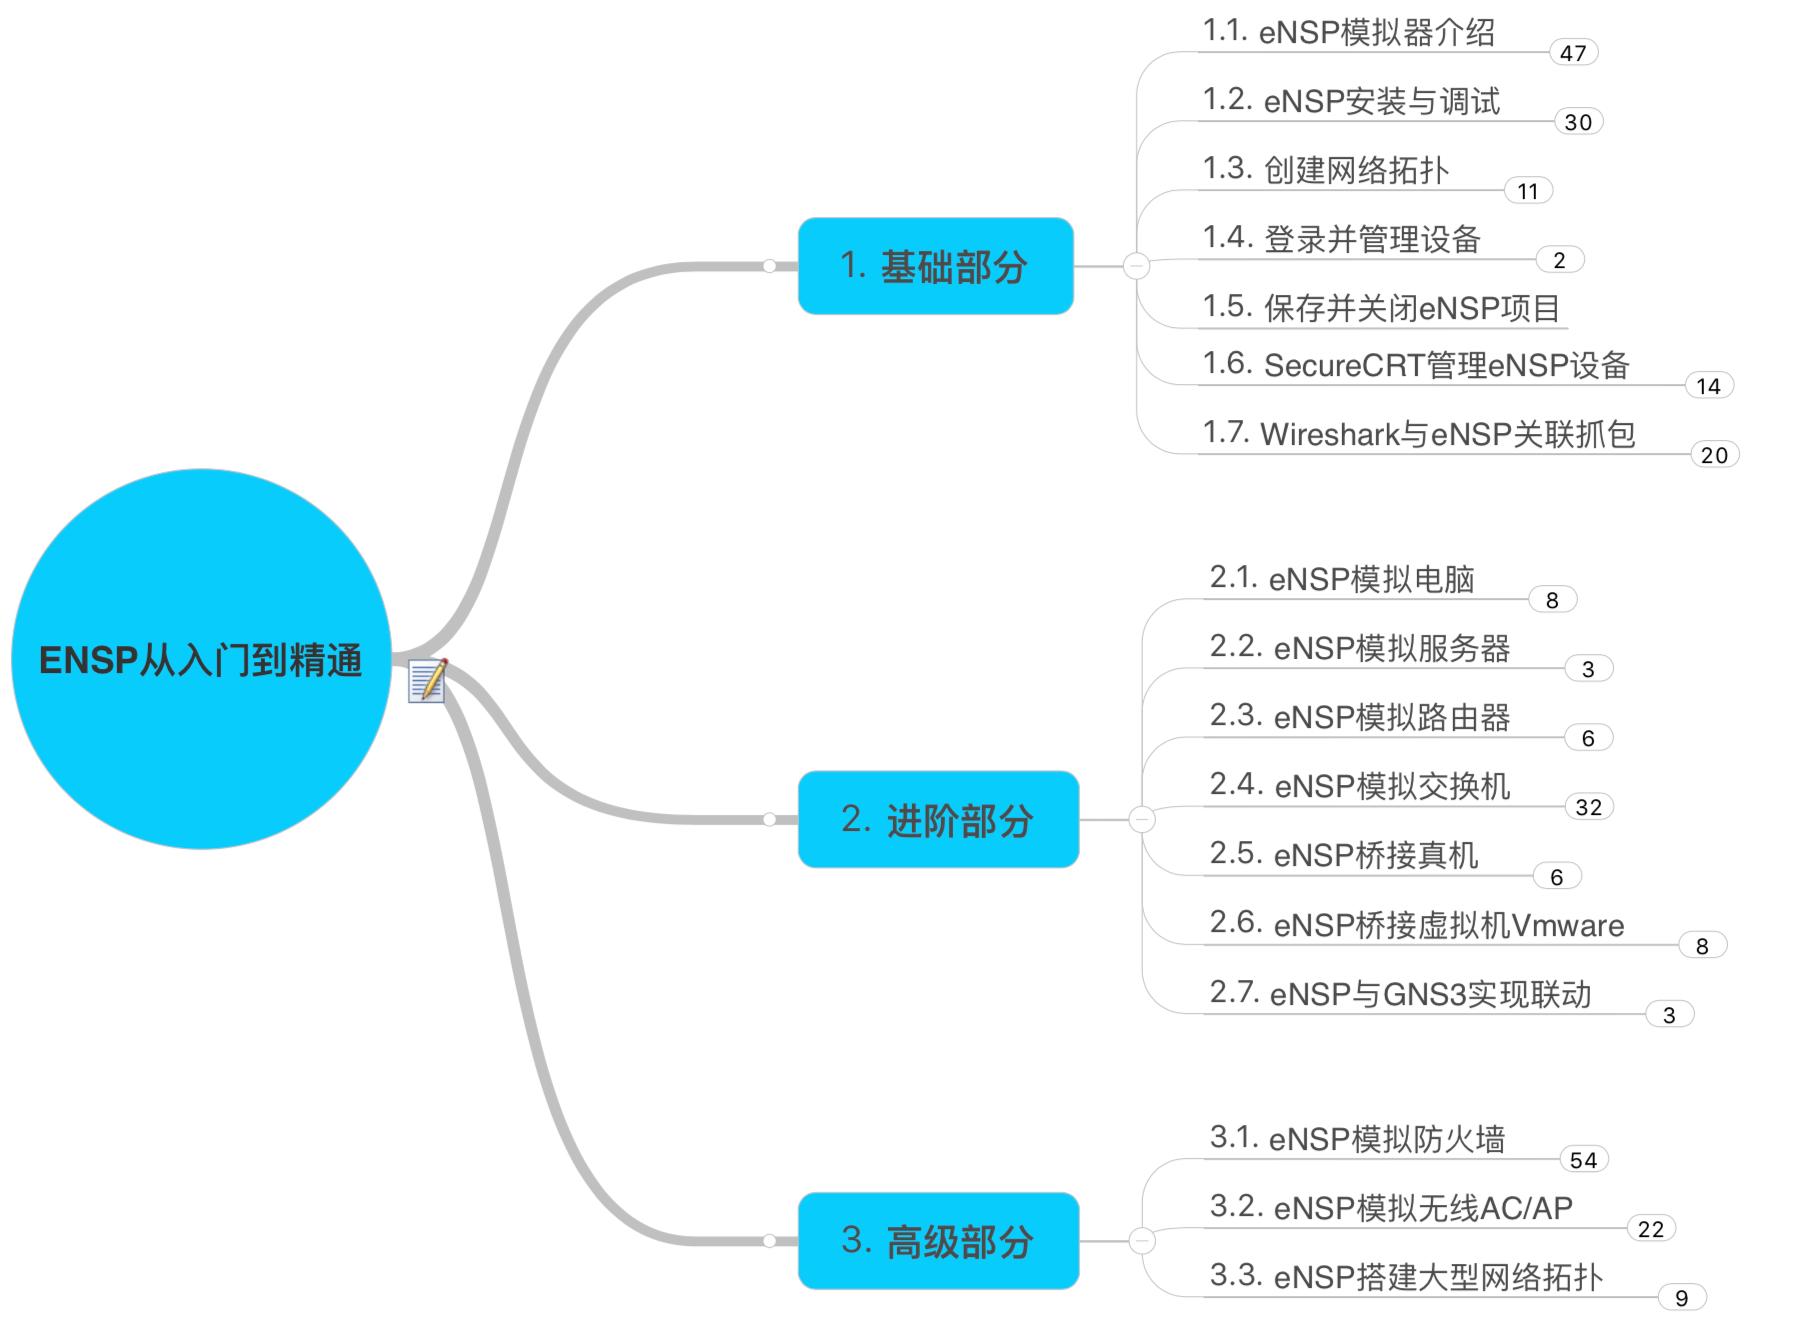 华为网络工程师_eNSP华为模拟器从入门到精通(完整版) - 拼客学院 - AI时代 · 新 ...